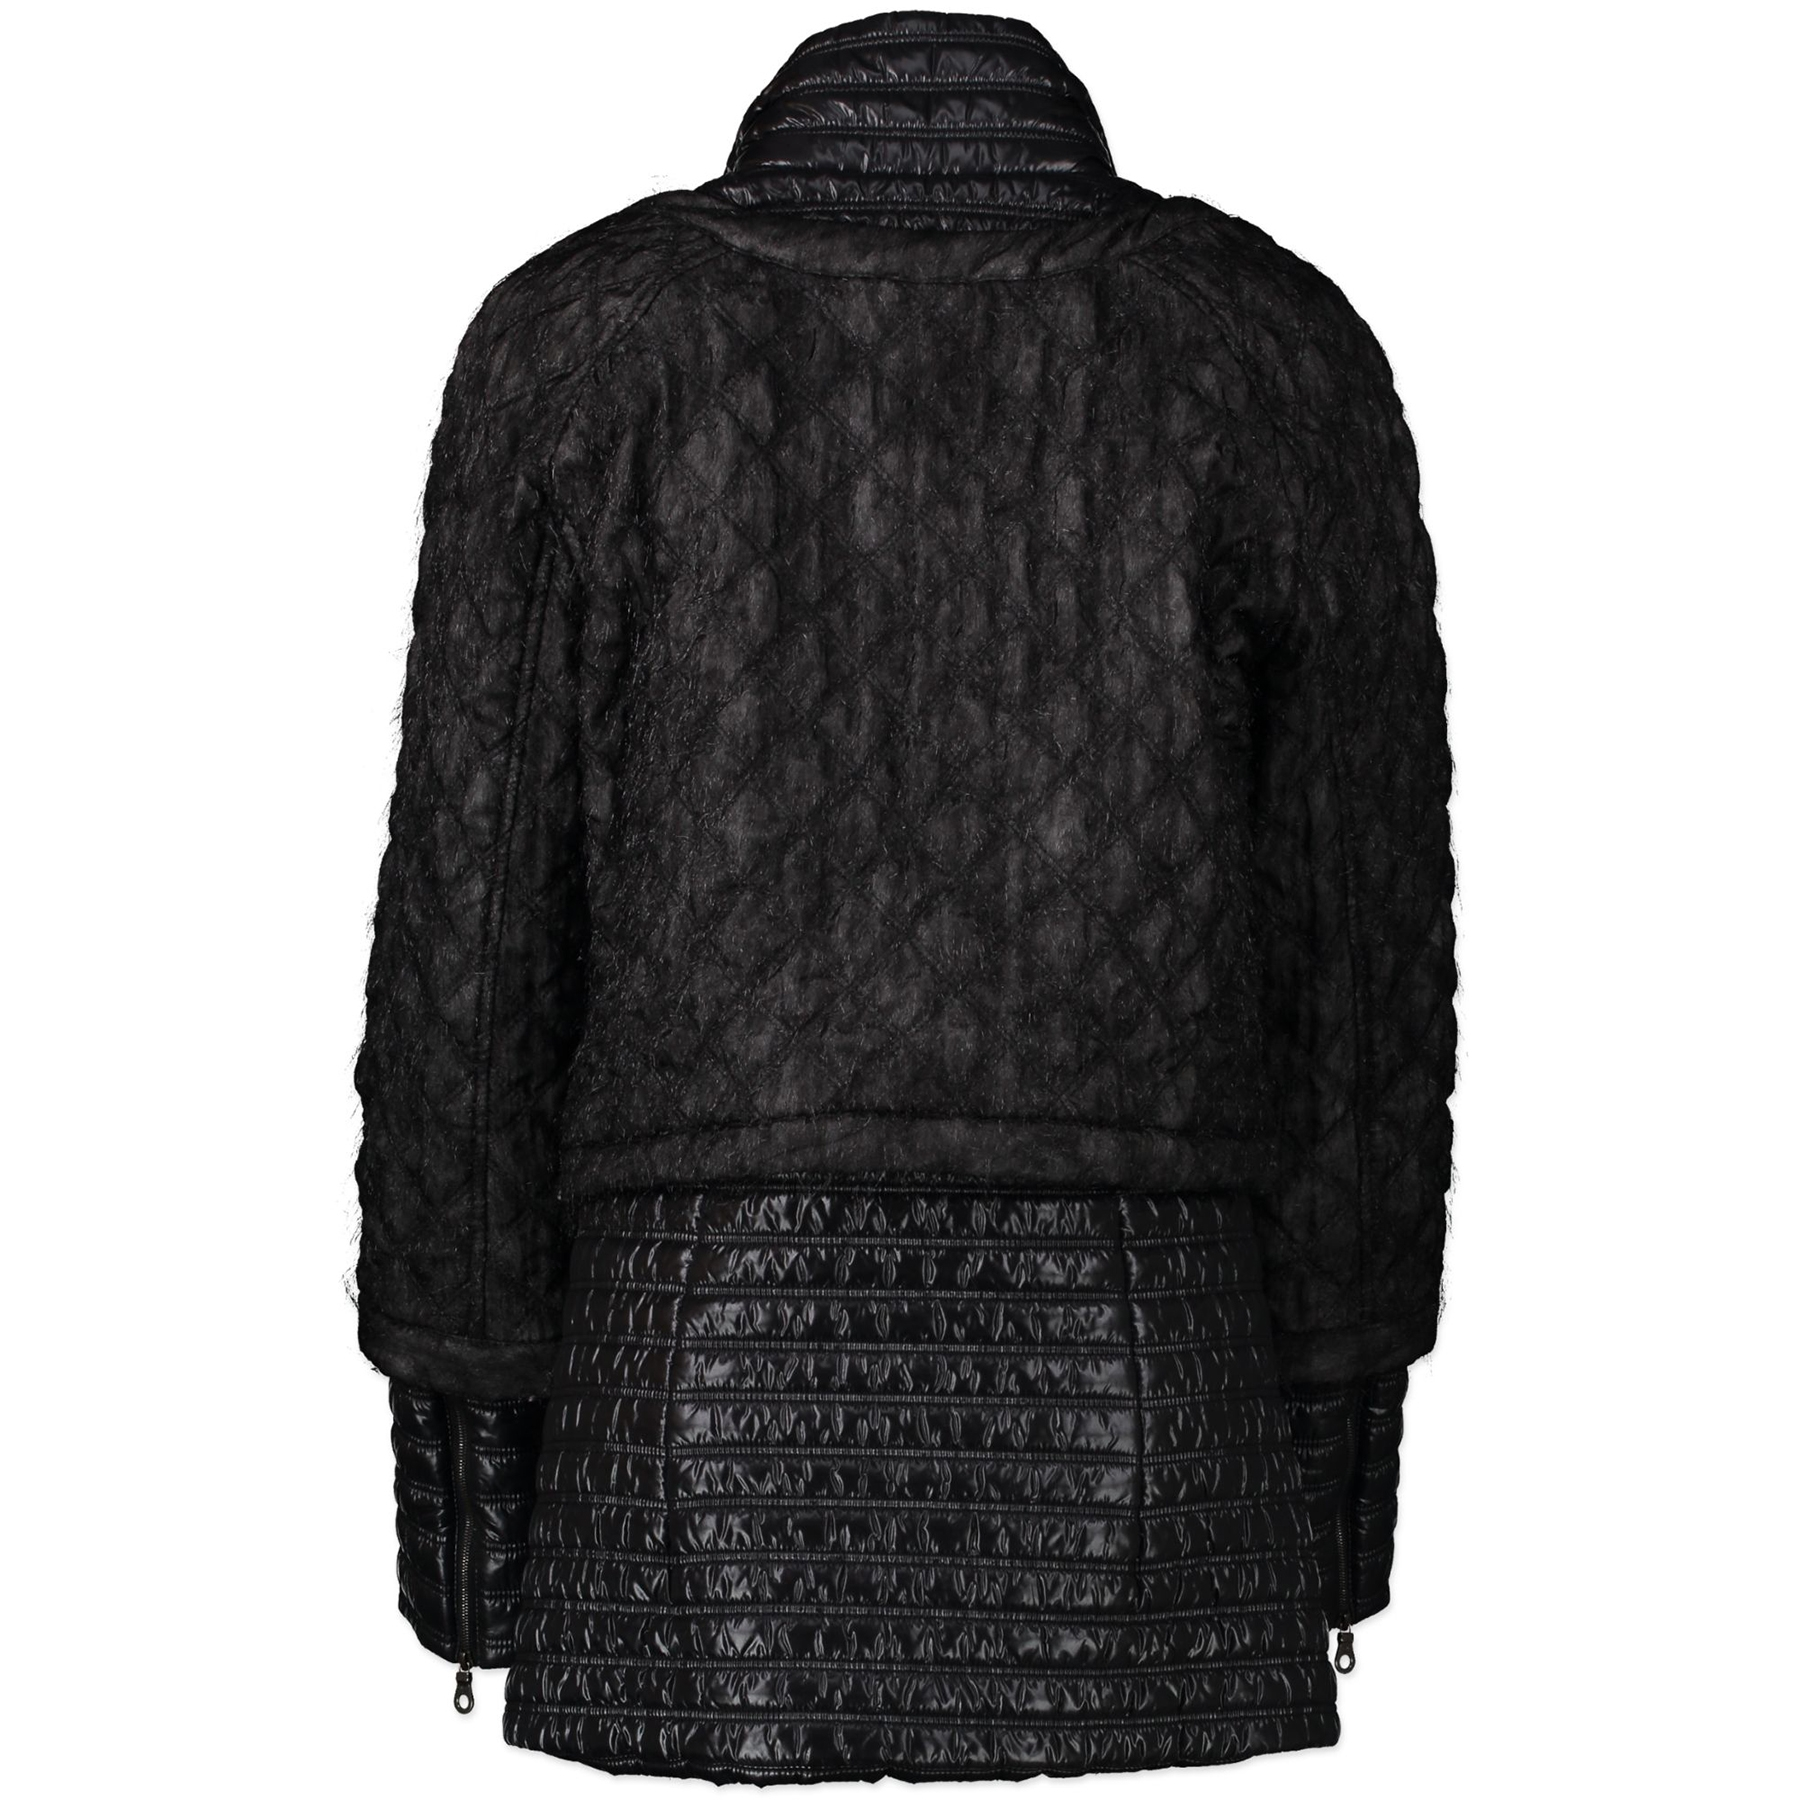 Authentieke Tweedehands Chanel Black Tweed Ski Jacket - Size FR42 juiste prijs veilig online shoppen luxe merken webshop winkelen Antwerpen België mode fashion